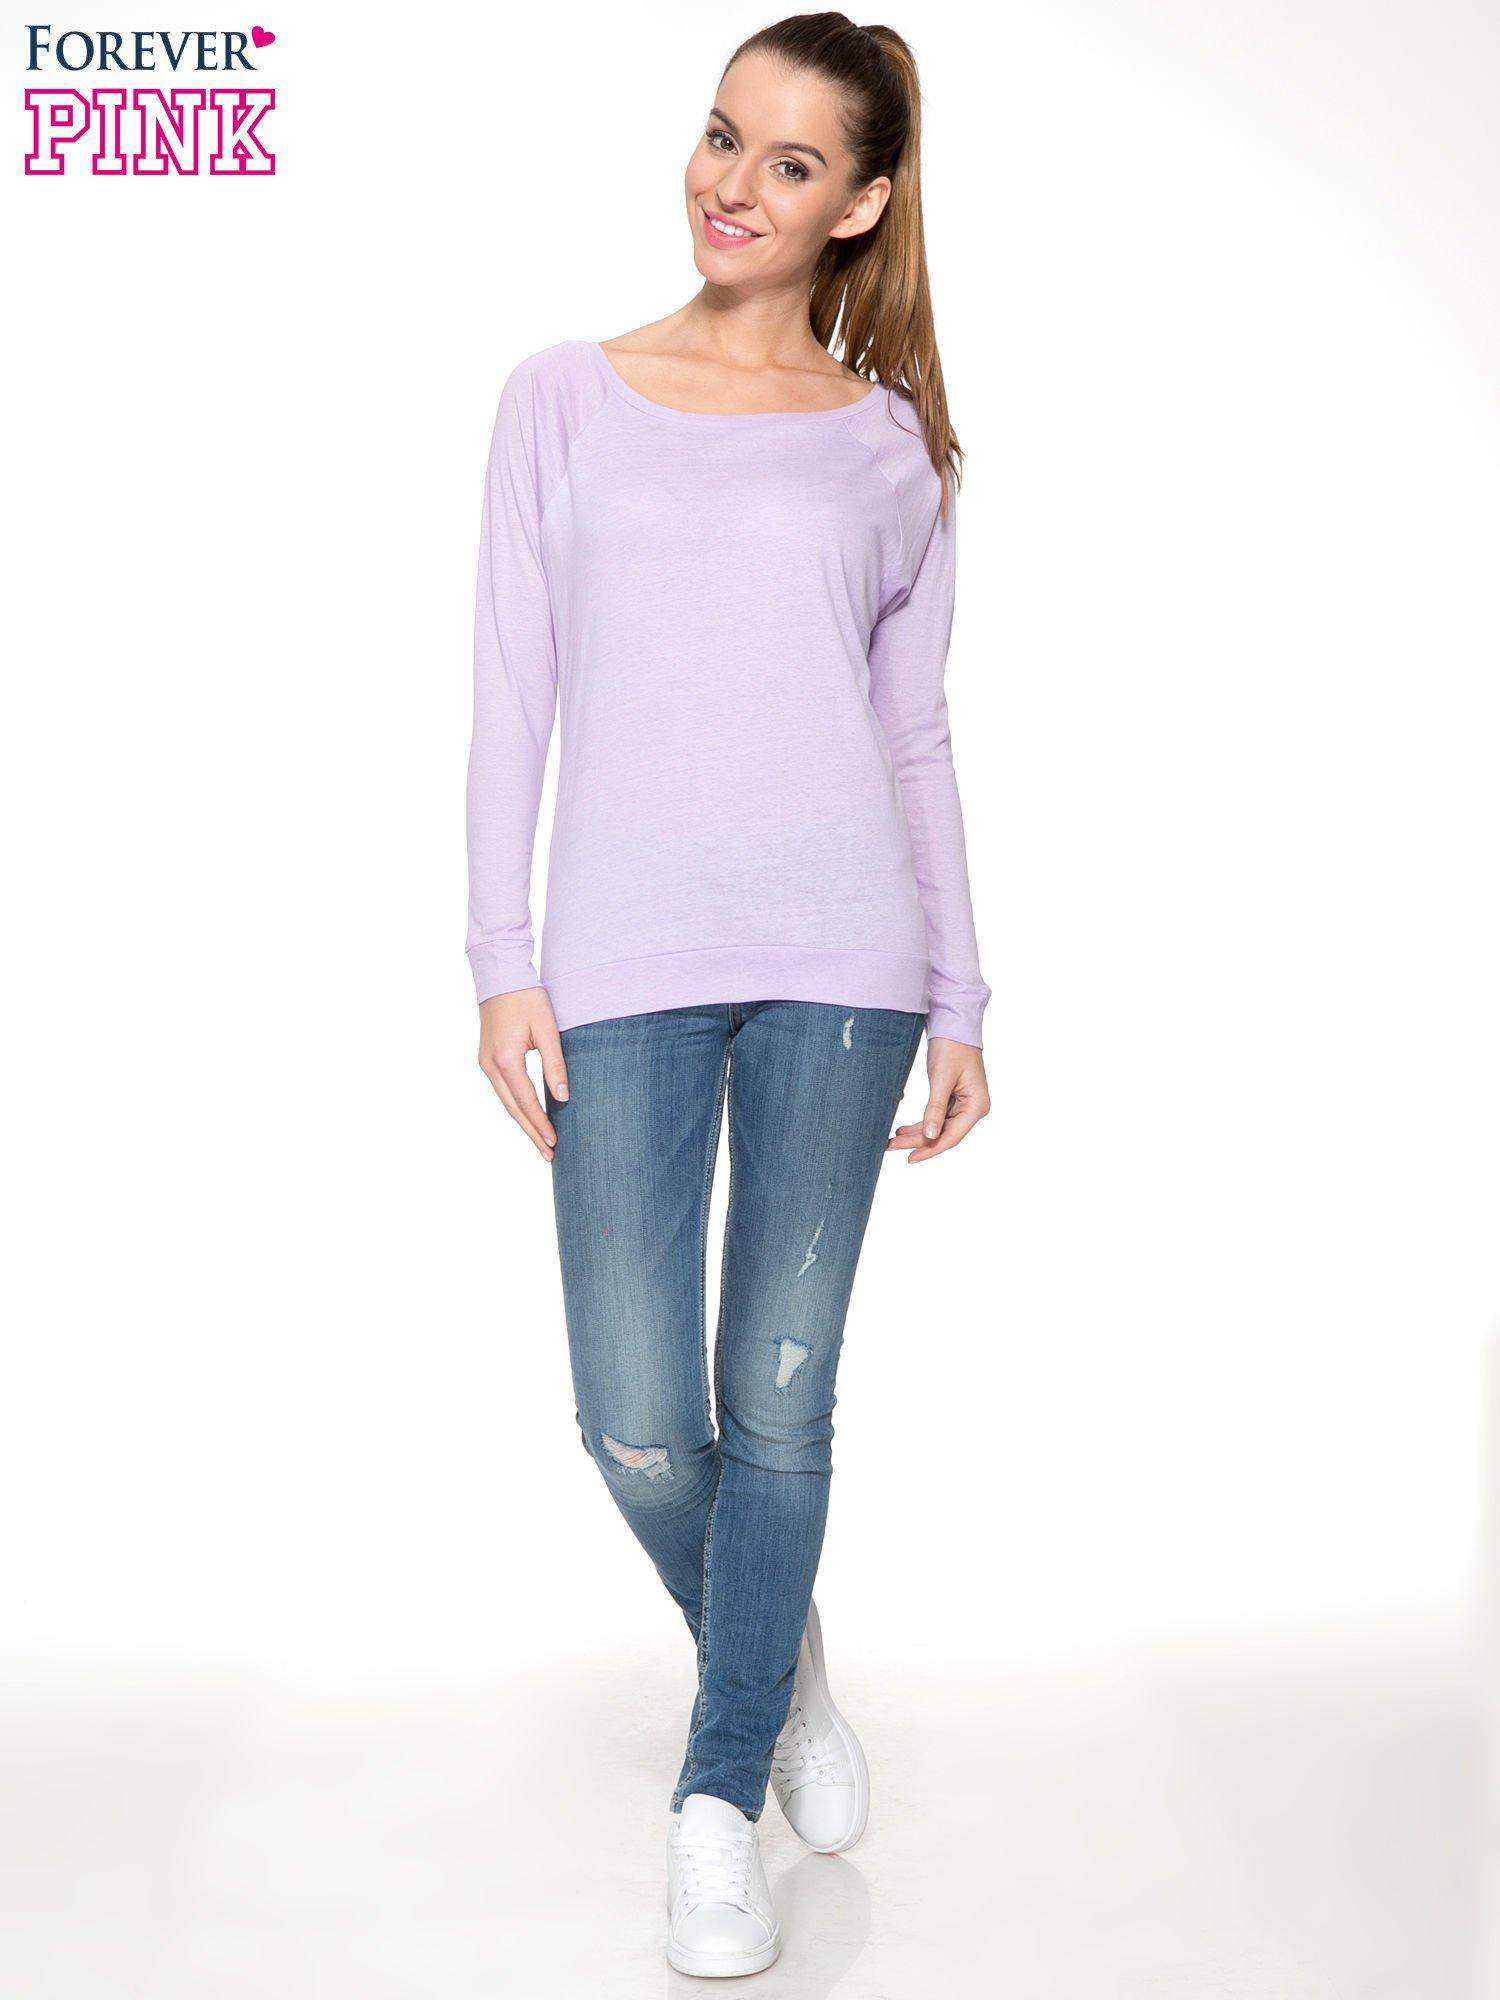 Jasnofioletowa bawełniana bluzka z rękawami typu reglan                                  zdj.                                  2